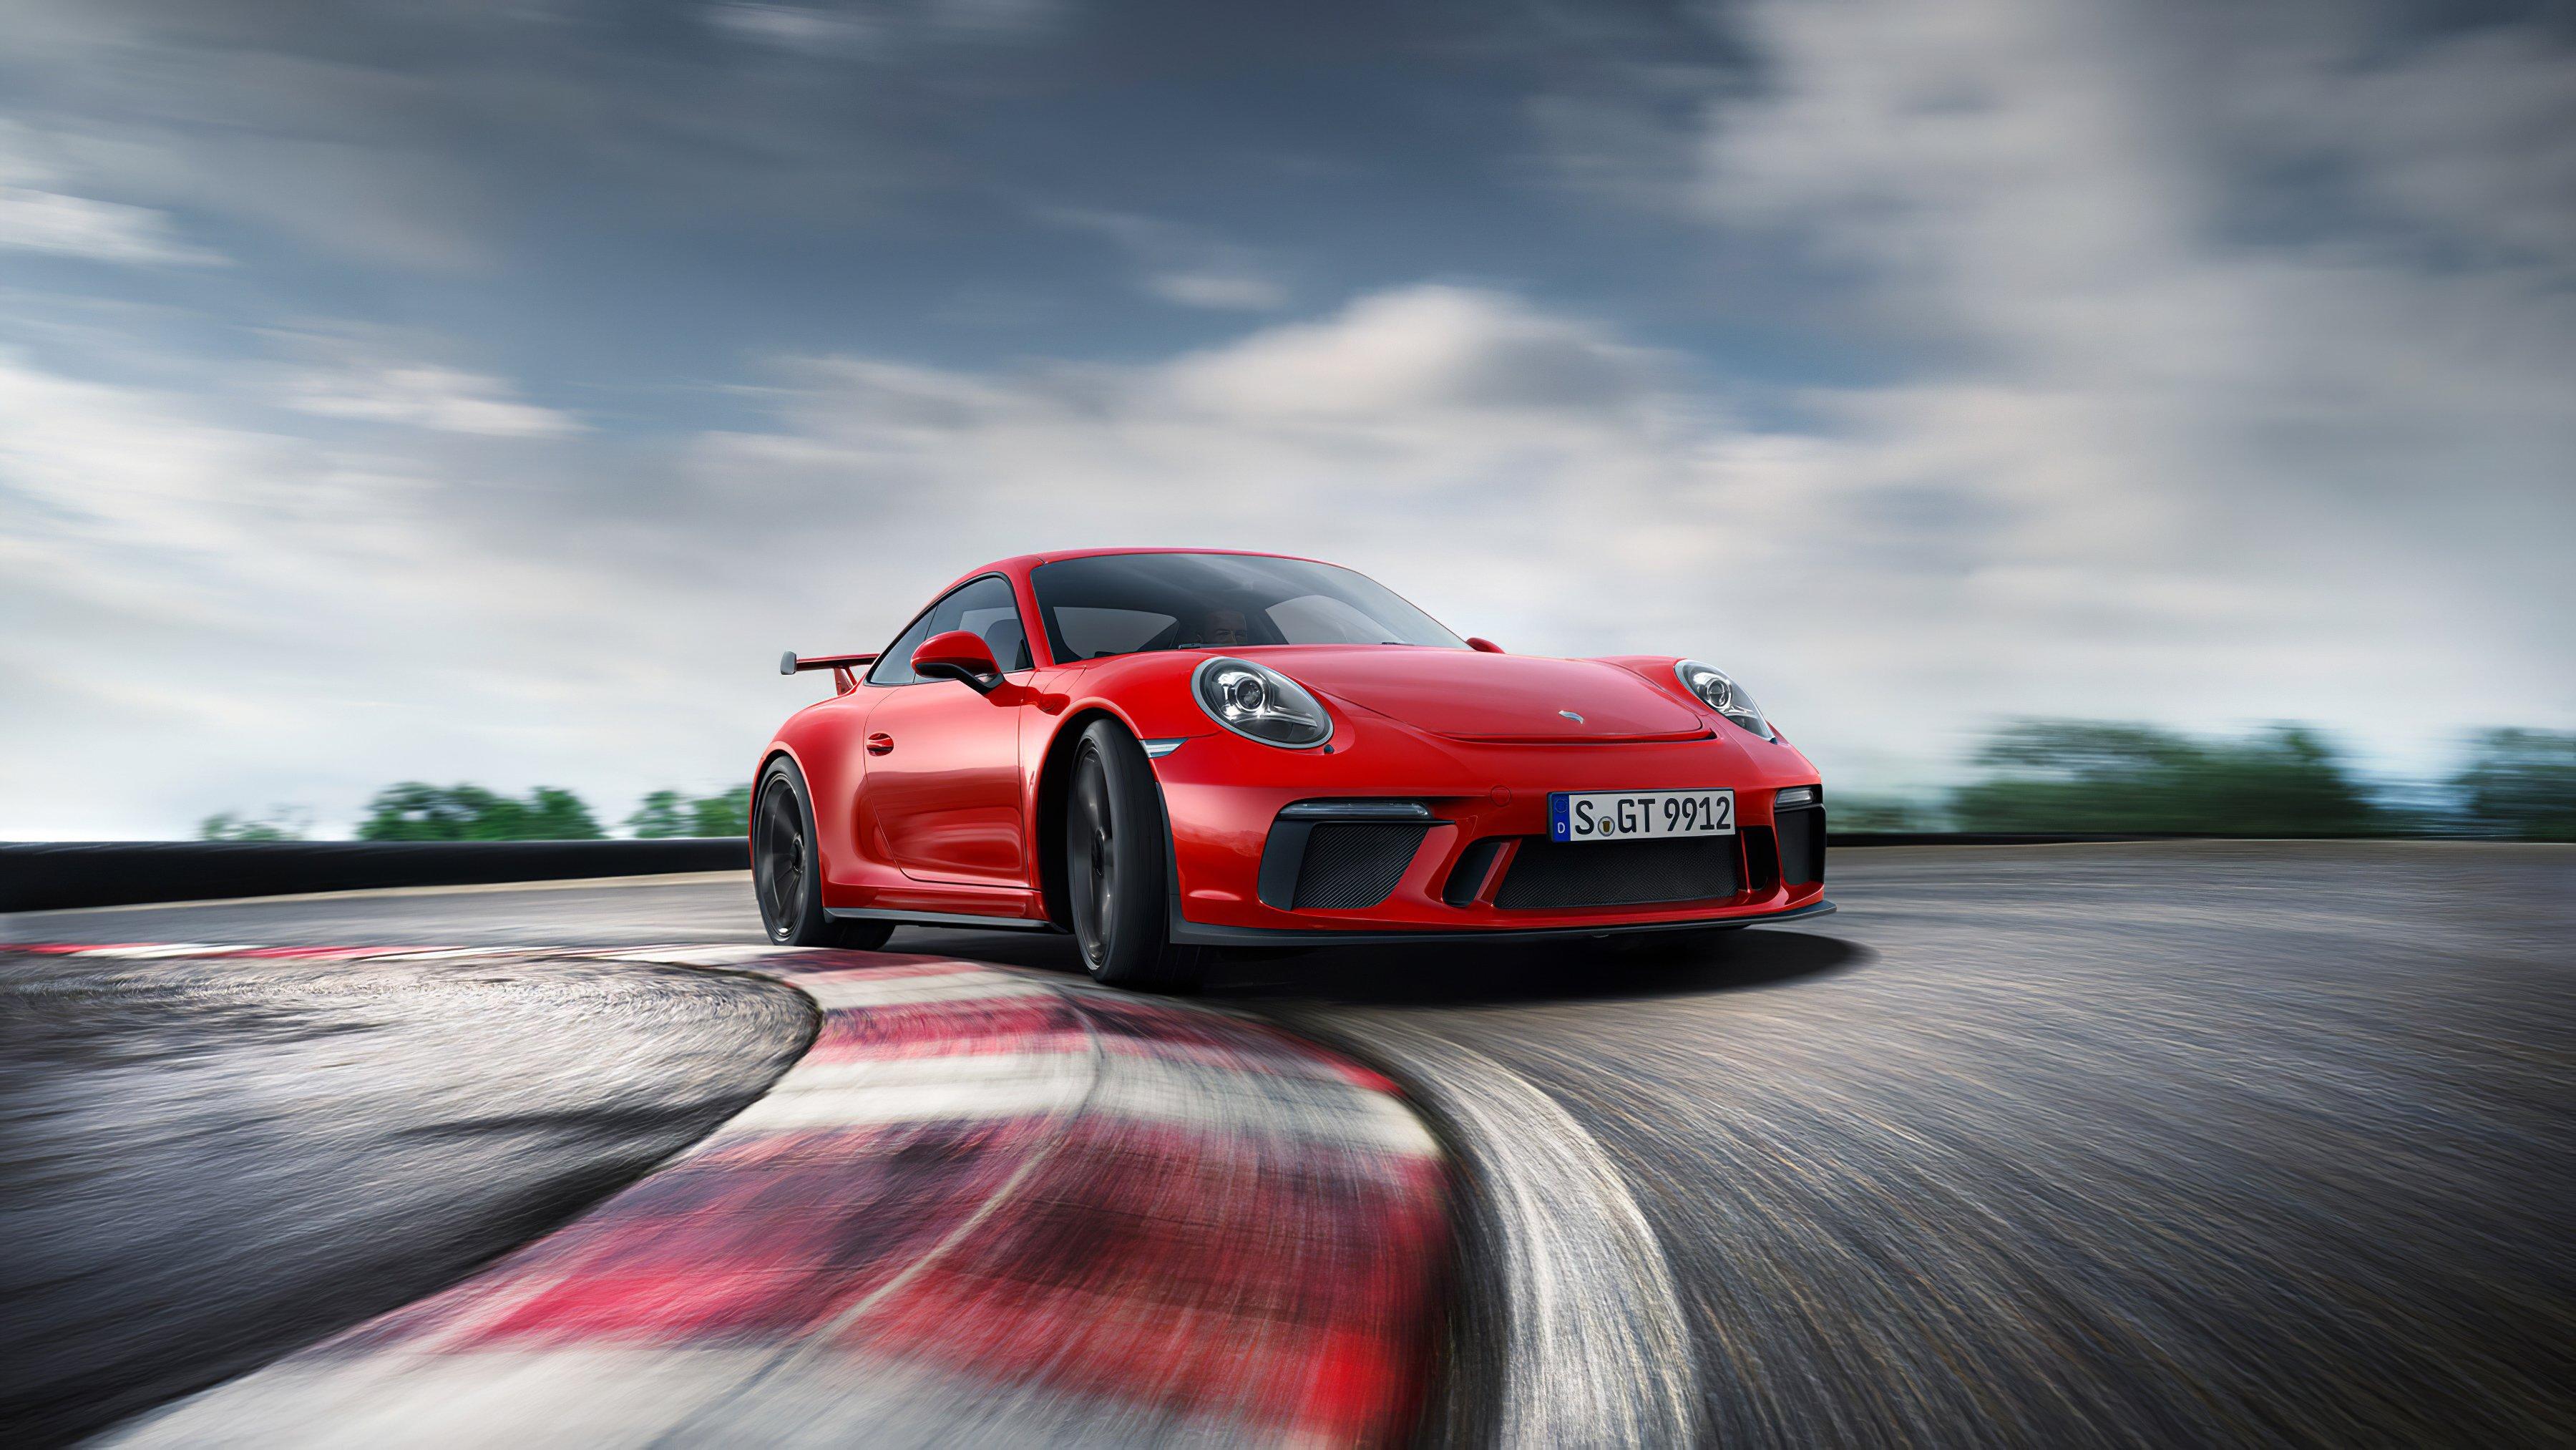 Wallpaper Red Porsche RP